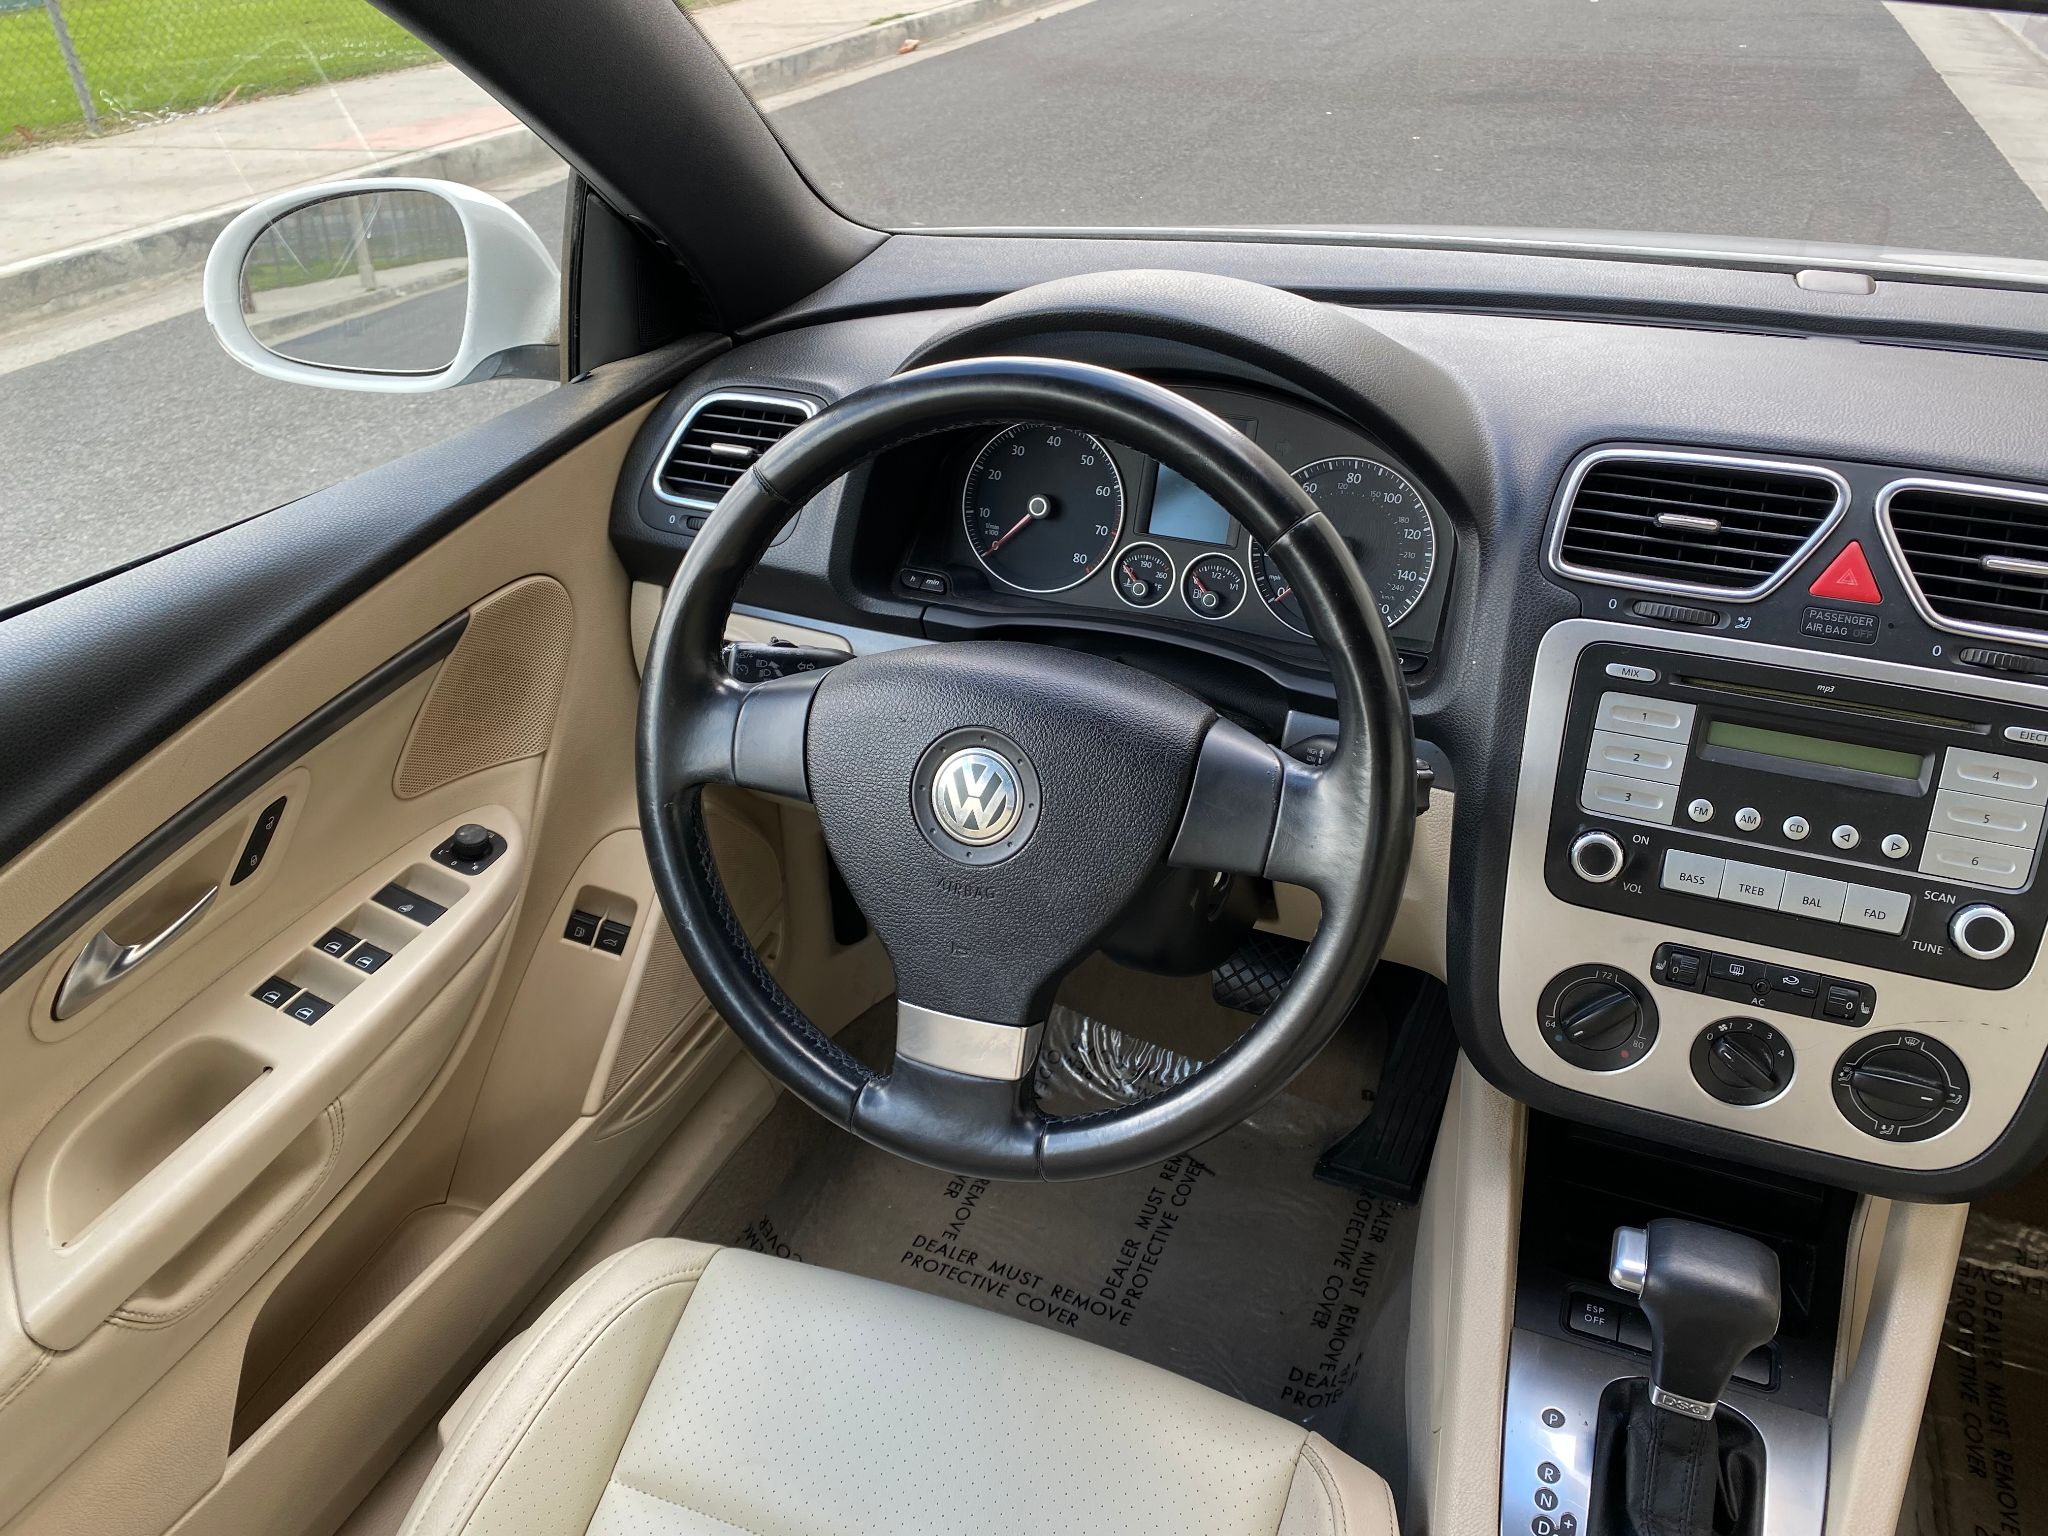 2008 Volkswagen Eos Turbo